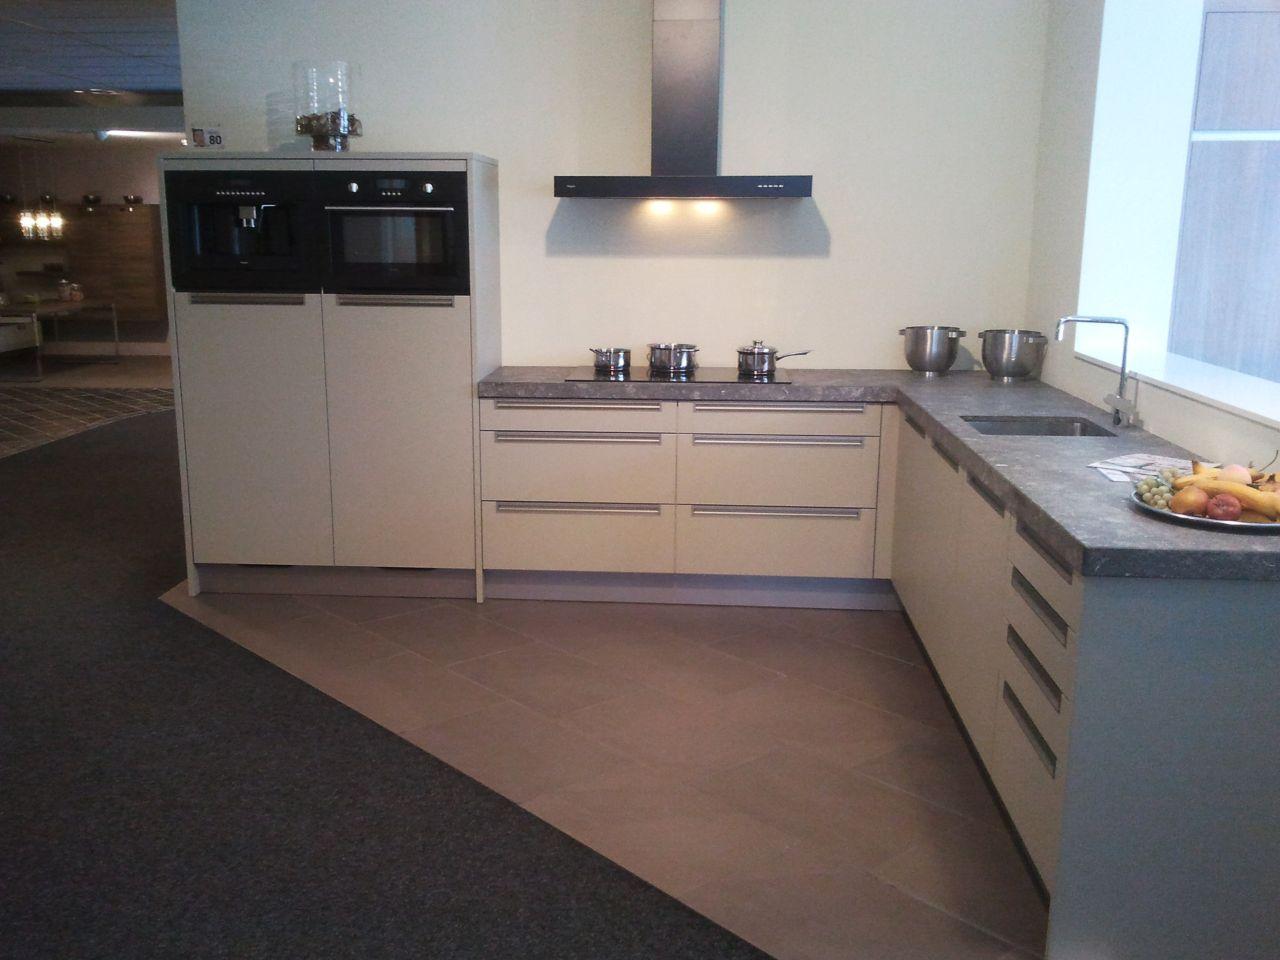 Showroomkeukens alle showroomkeuken aanbiedingen uit nederland keukens voor zeer lage keuken - Model keuken ...